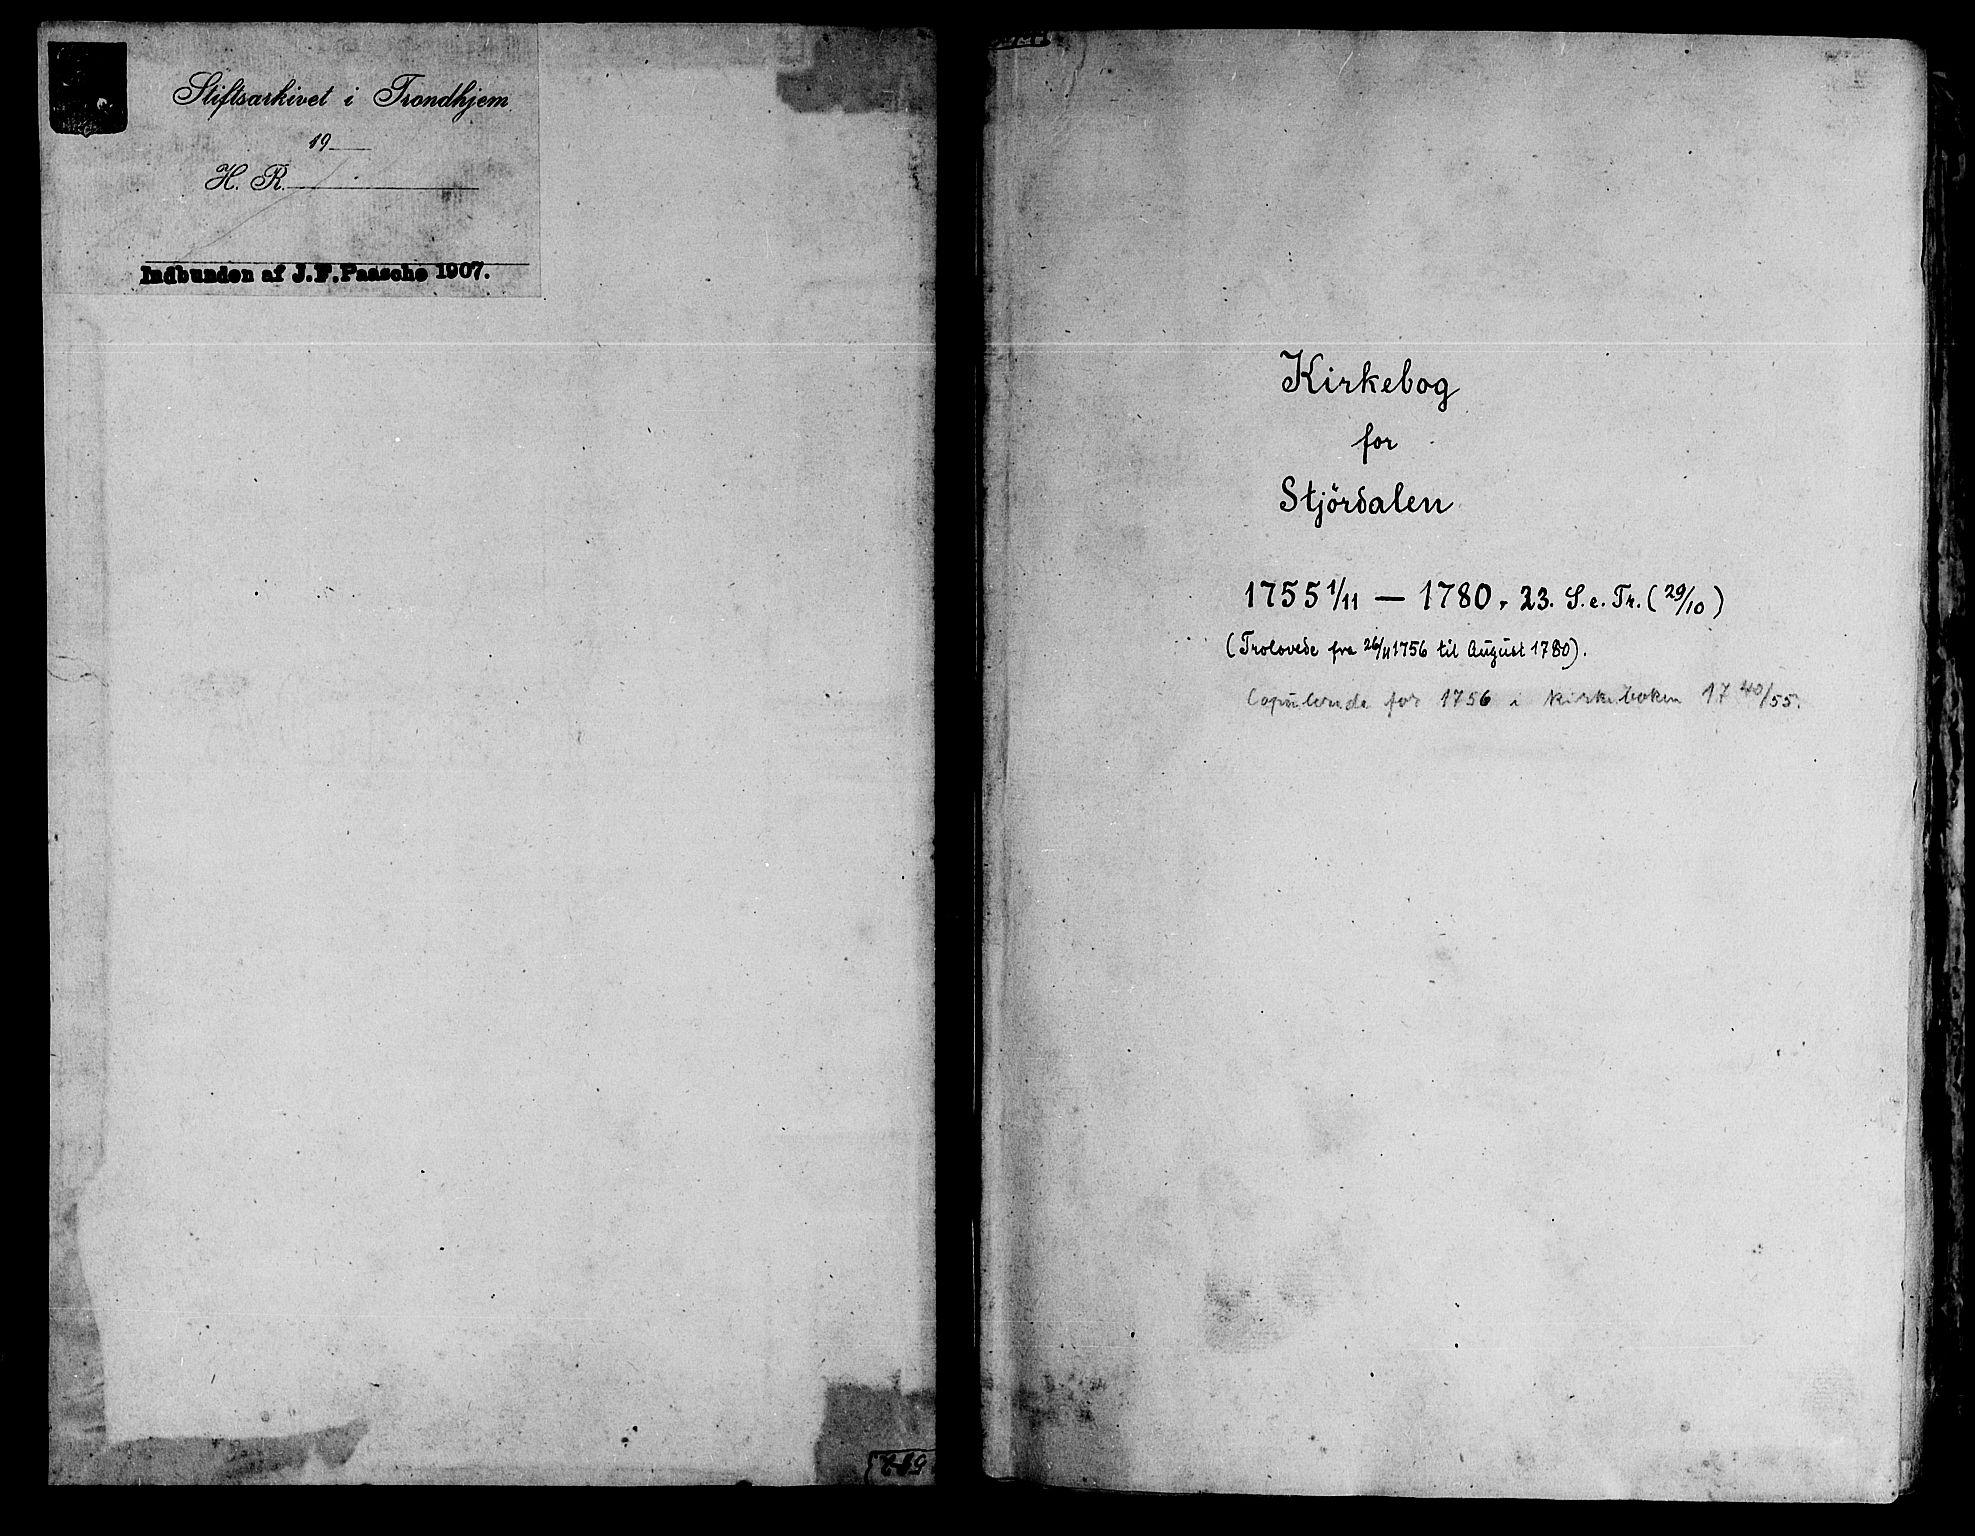 SAT, Ministerialprotokoller, klokkerbøker og fødselsregistre - Nord-Trøndelag, 709/L0057: Ministerialbok nr. 709A05, 1755-1780